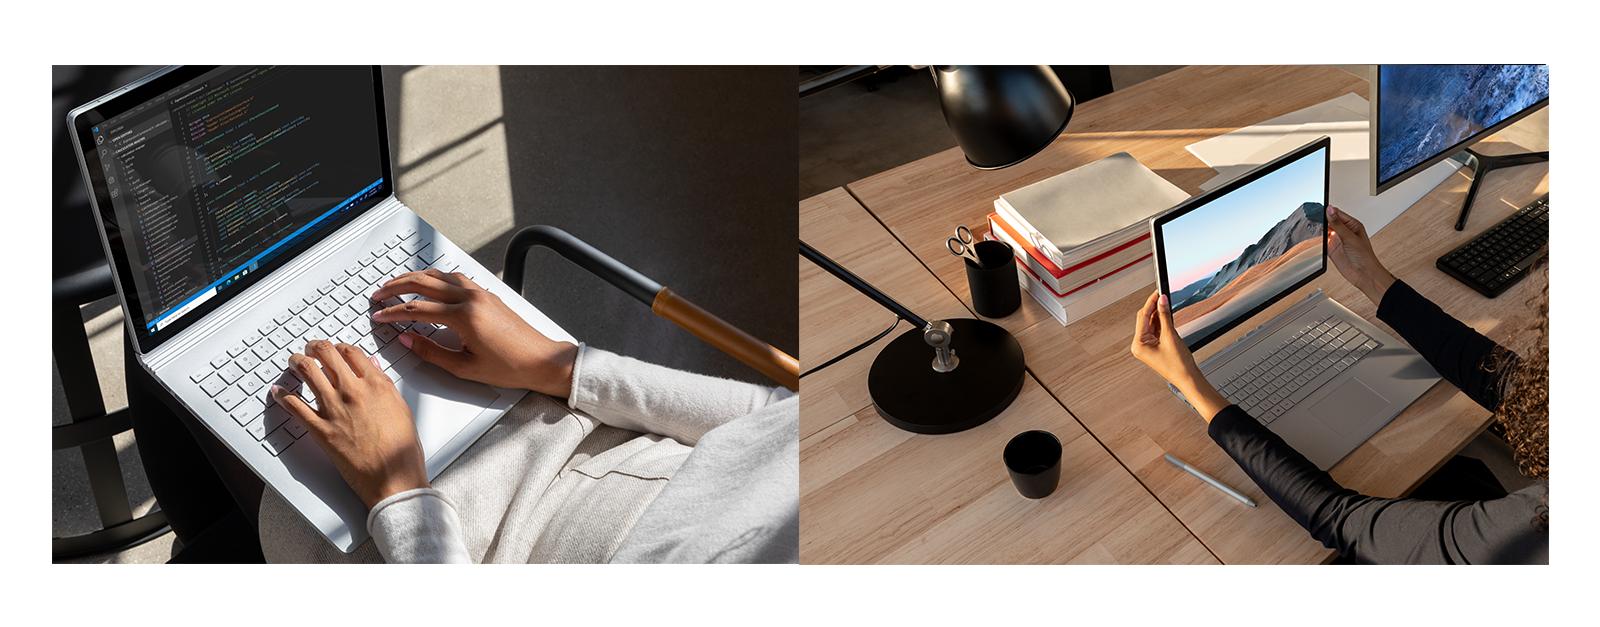 Eine Person arbeitet am Surface Book 3 und eine Person trennt den Bildschirm des Surface Book 3 von der Tastatur